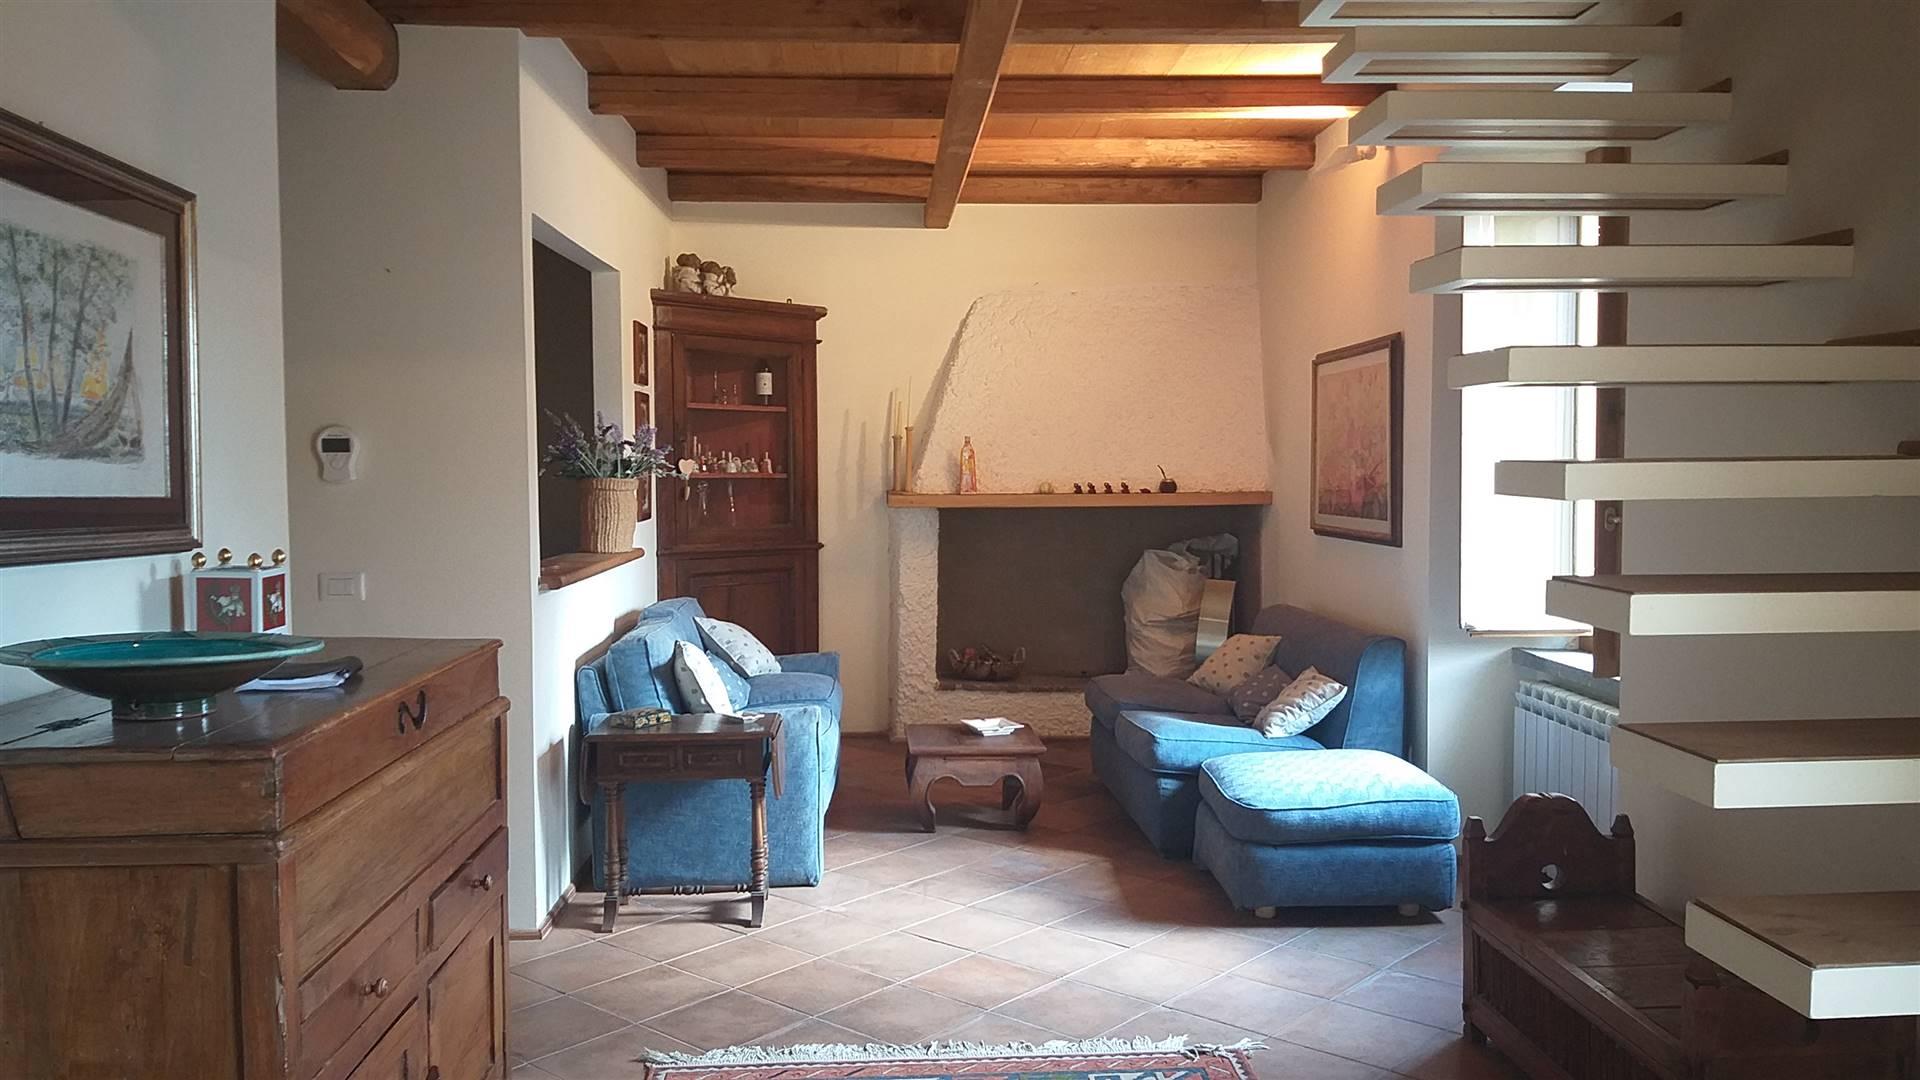 Appartamento trilocale indipendente in vendita. L'immobile si colloca al centro della cittadina di Tolfa ed è ubicato al primo piano di una palazzina